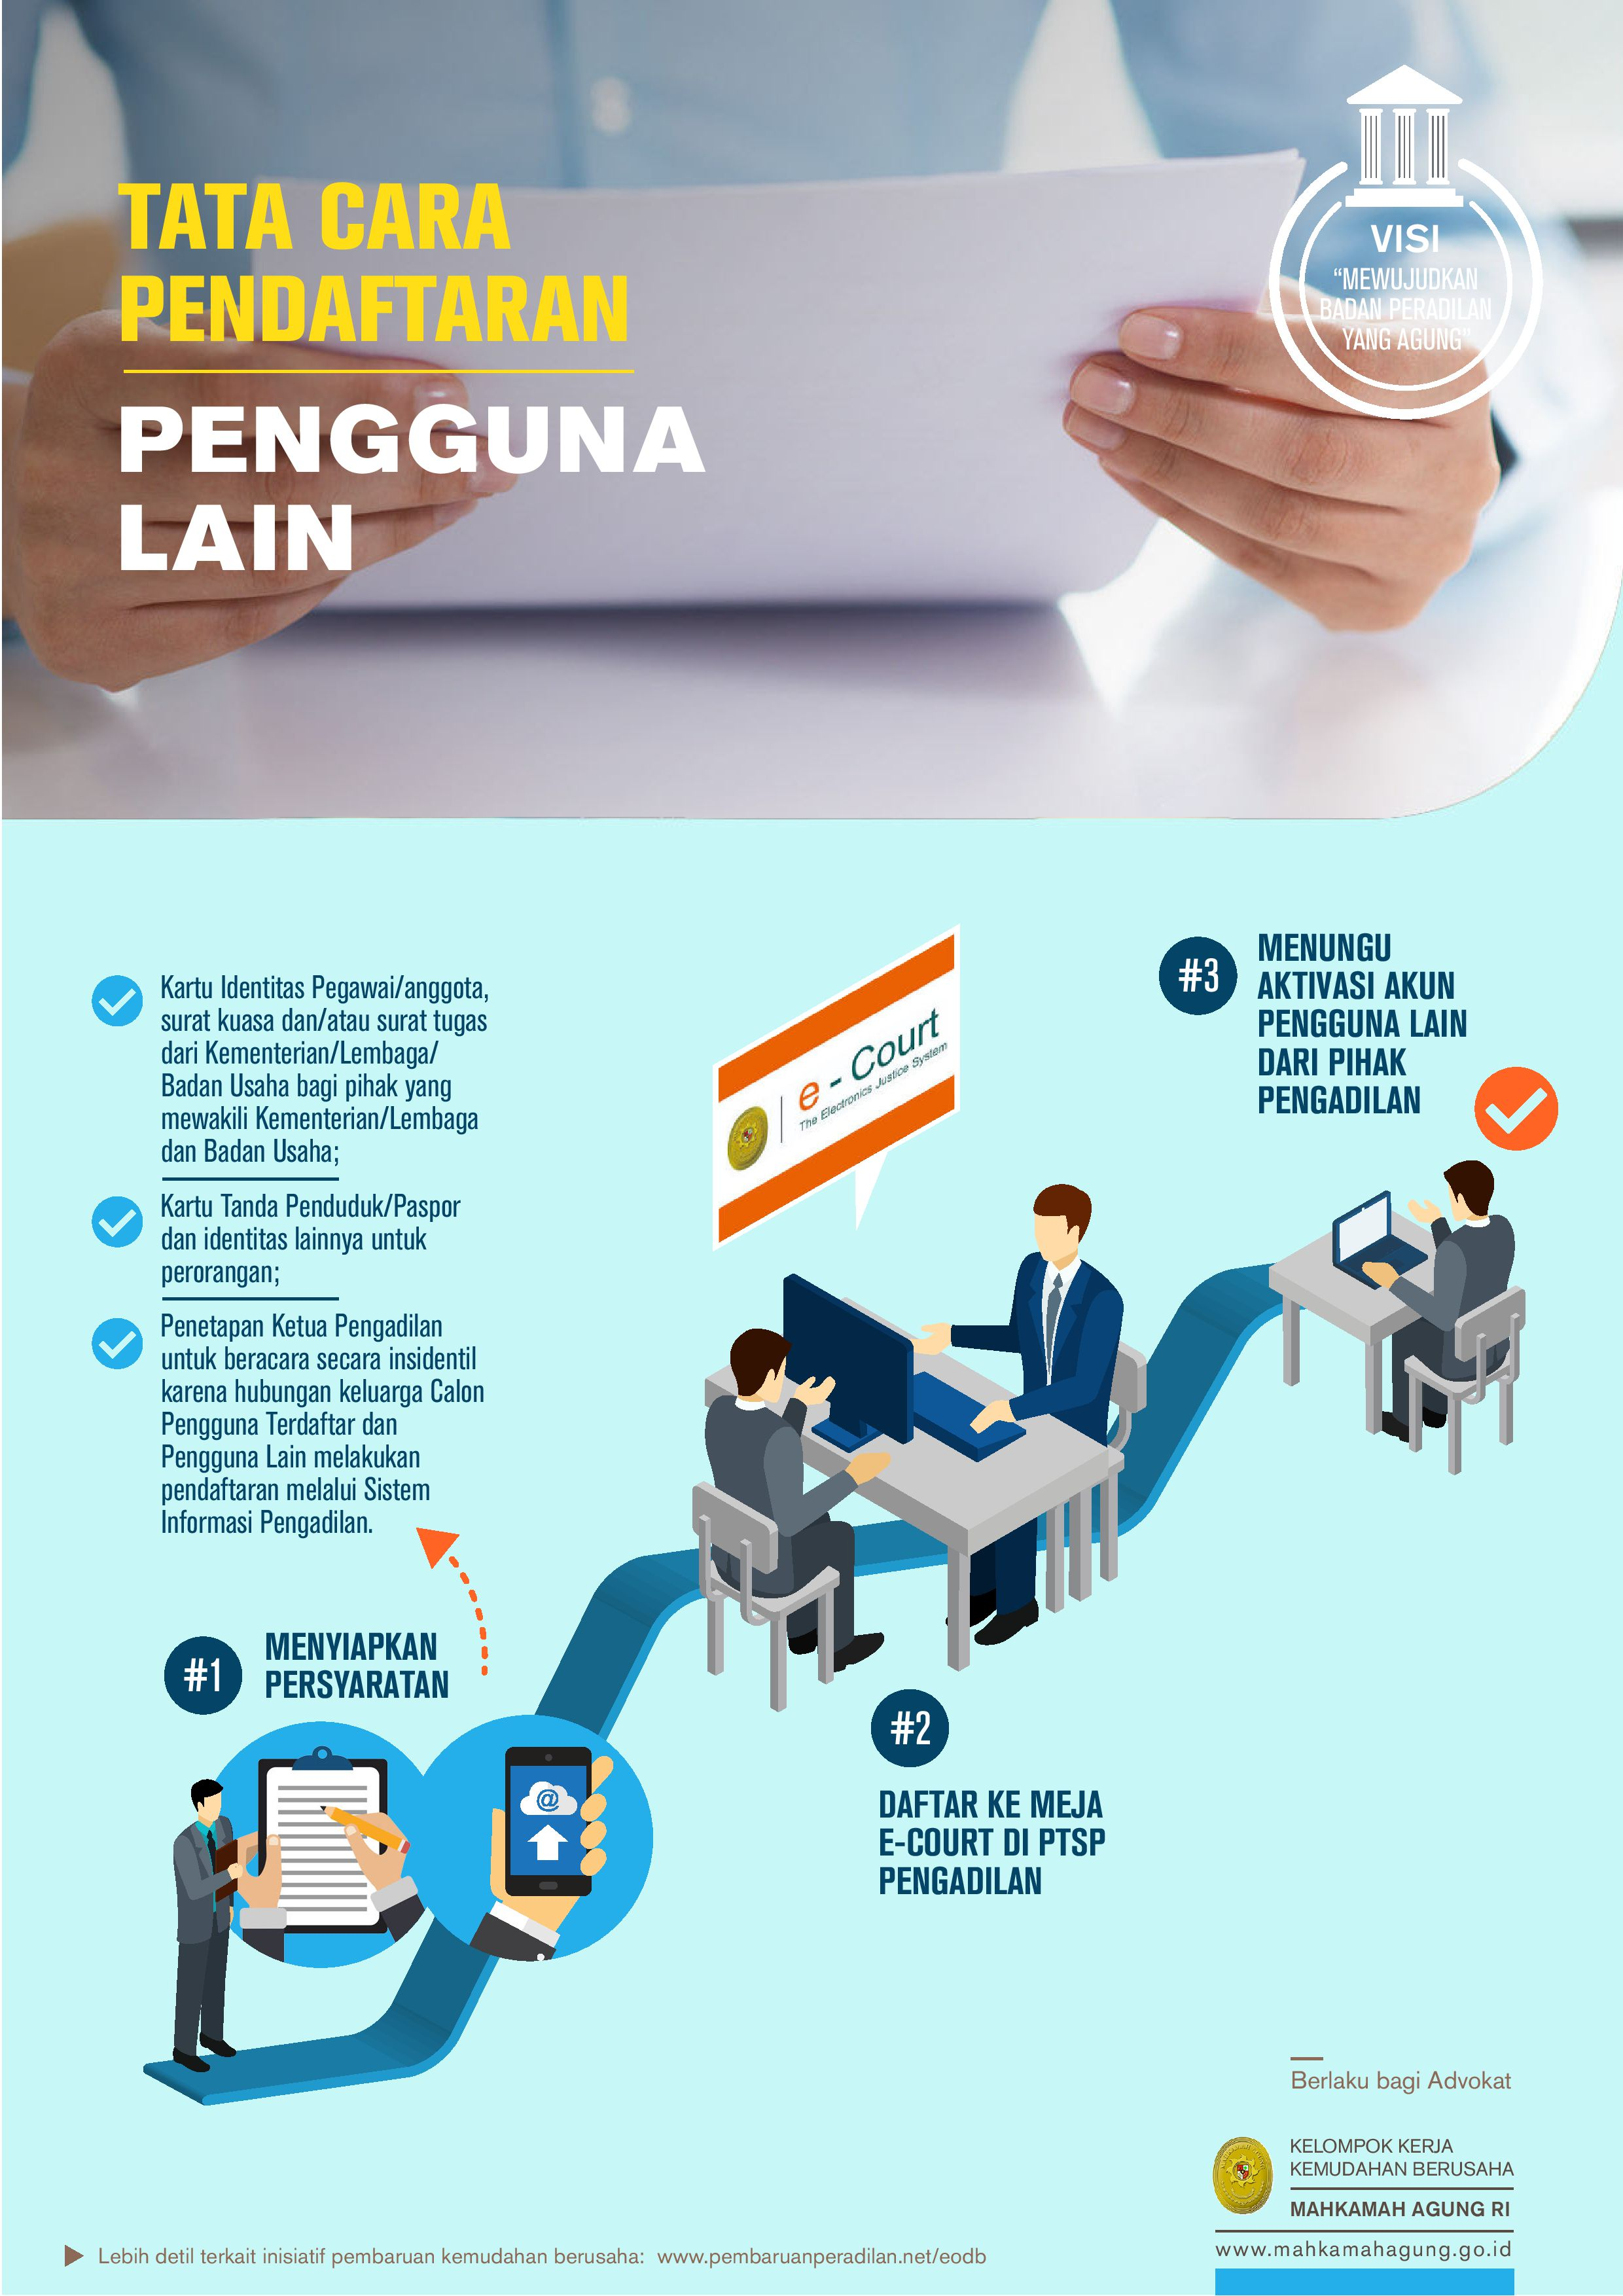 Infographic-Pembaruan_Peradilan-MA-Compiled_2020_10